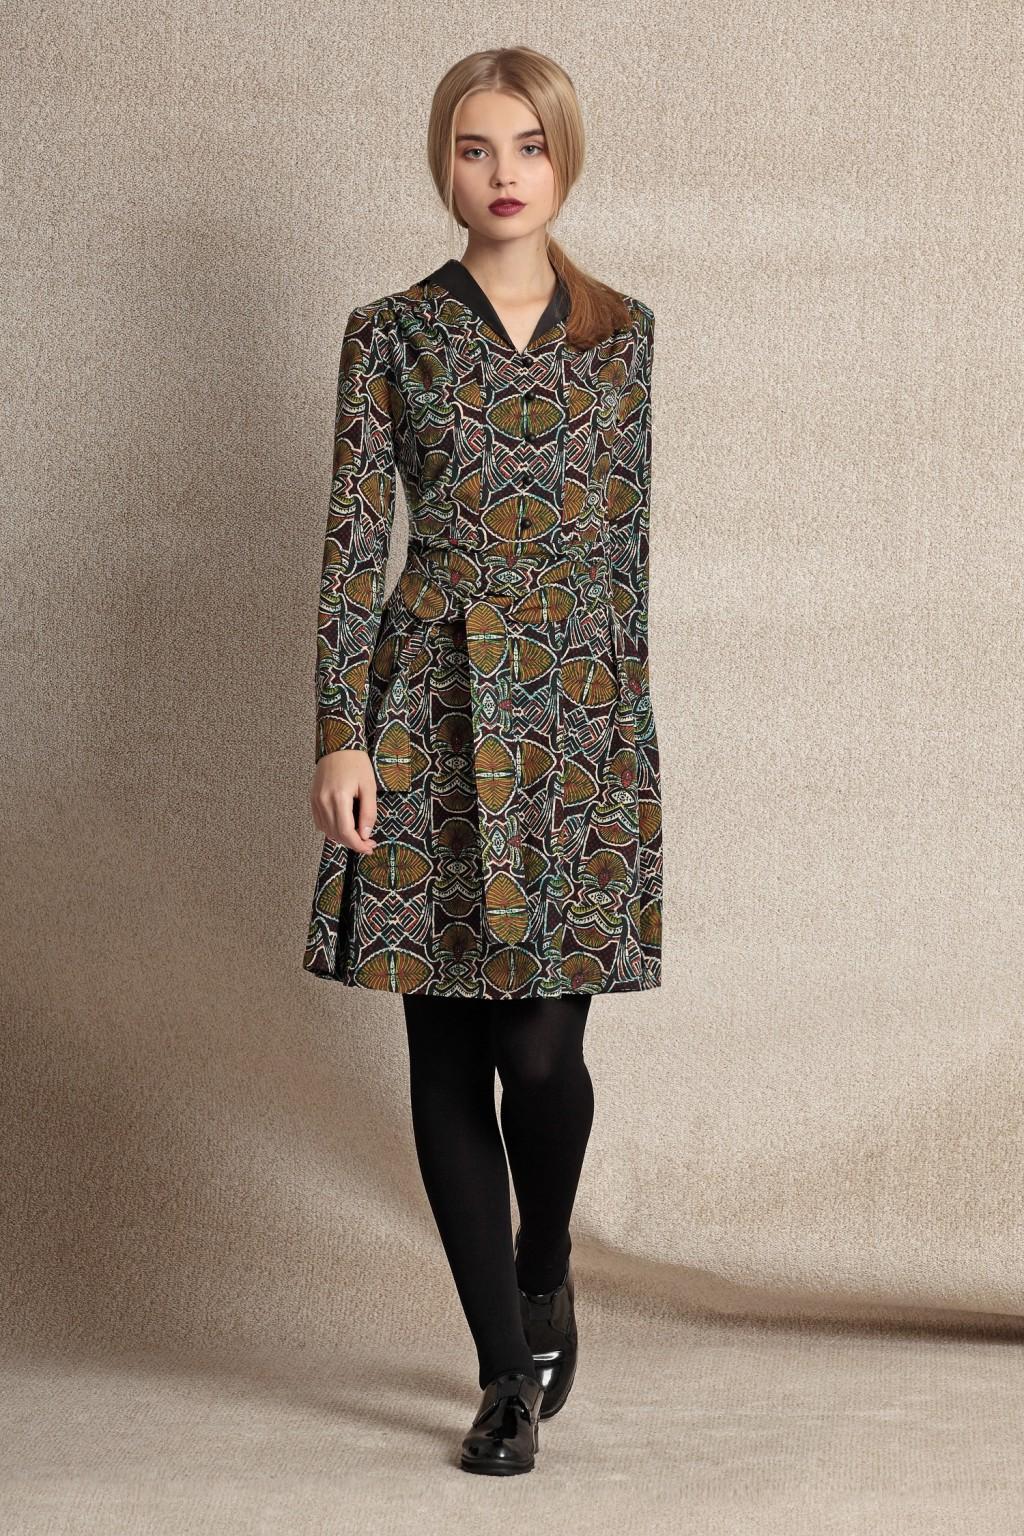 Сбор заказов. C*o*l*o*r*s Of P*a*p*a*y*a - дизайнерские костюмы, платья. Только итальянские ткани! Все модели отшиты на рост 170.